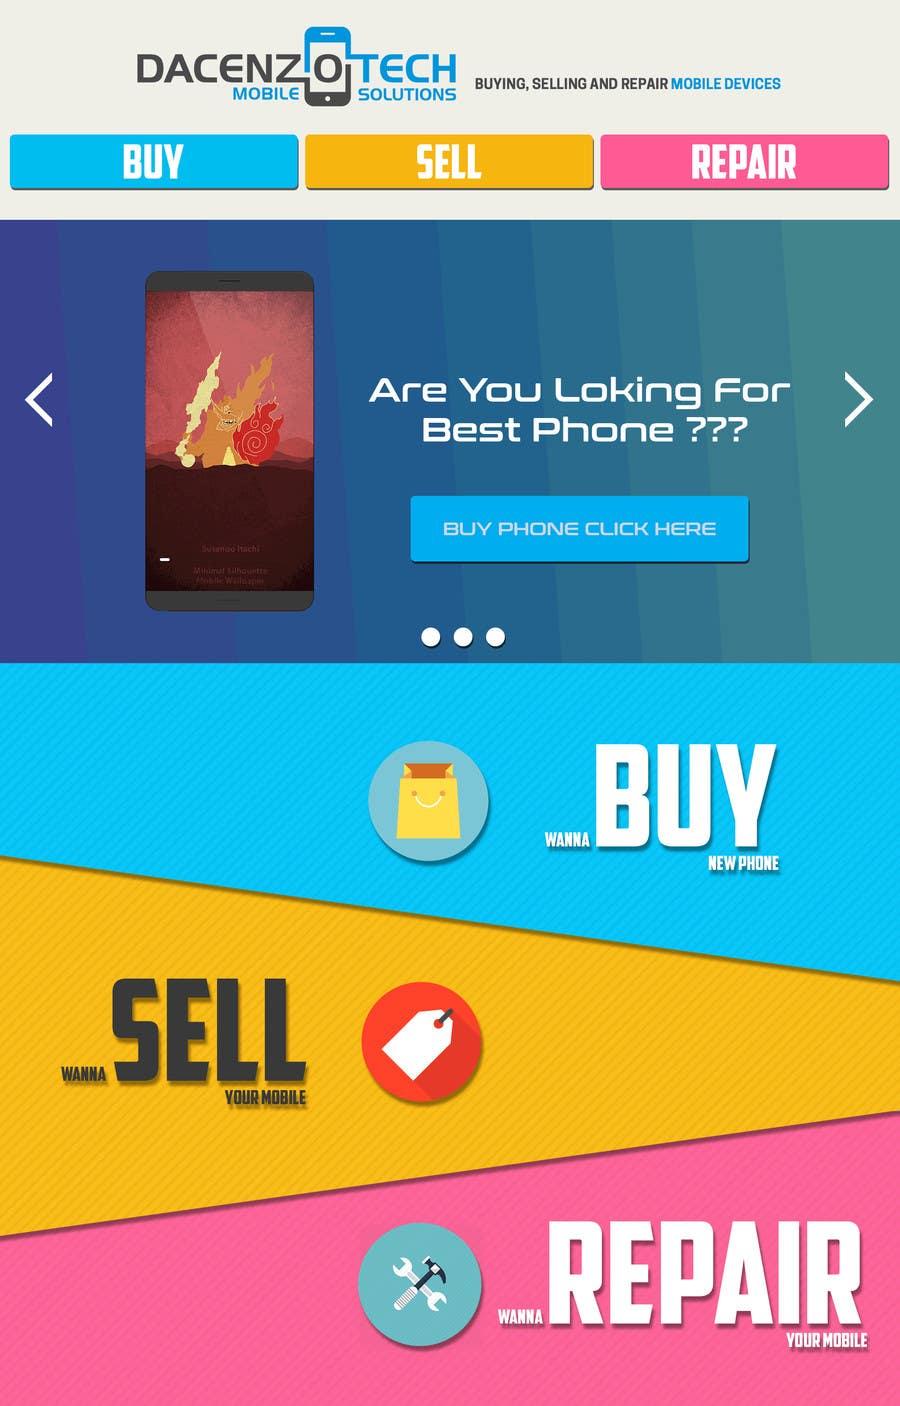 Kilpailutyö #52 kilpailussa Design a Website Mockup for a Mobile Device Company